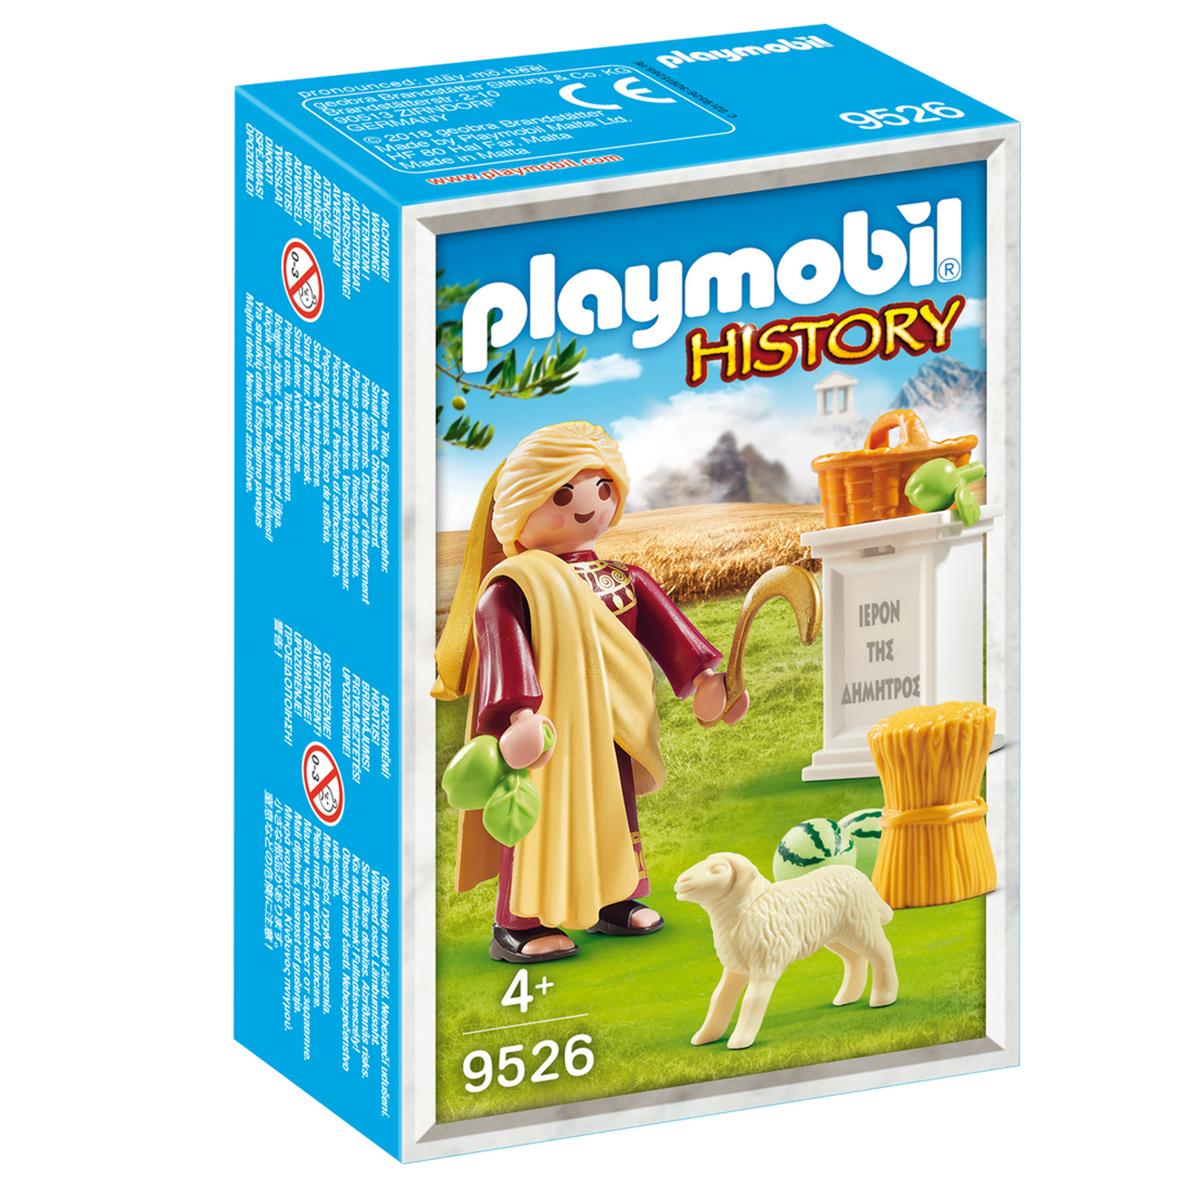 Παιχνίδι Playmobil Θεά Δήμητρα 00022477 - MULTICOLOR - 4114-0043/3/196/95